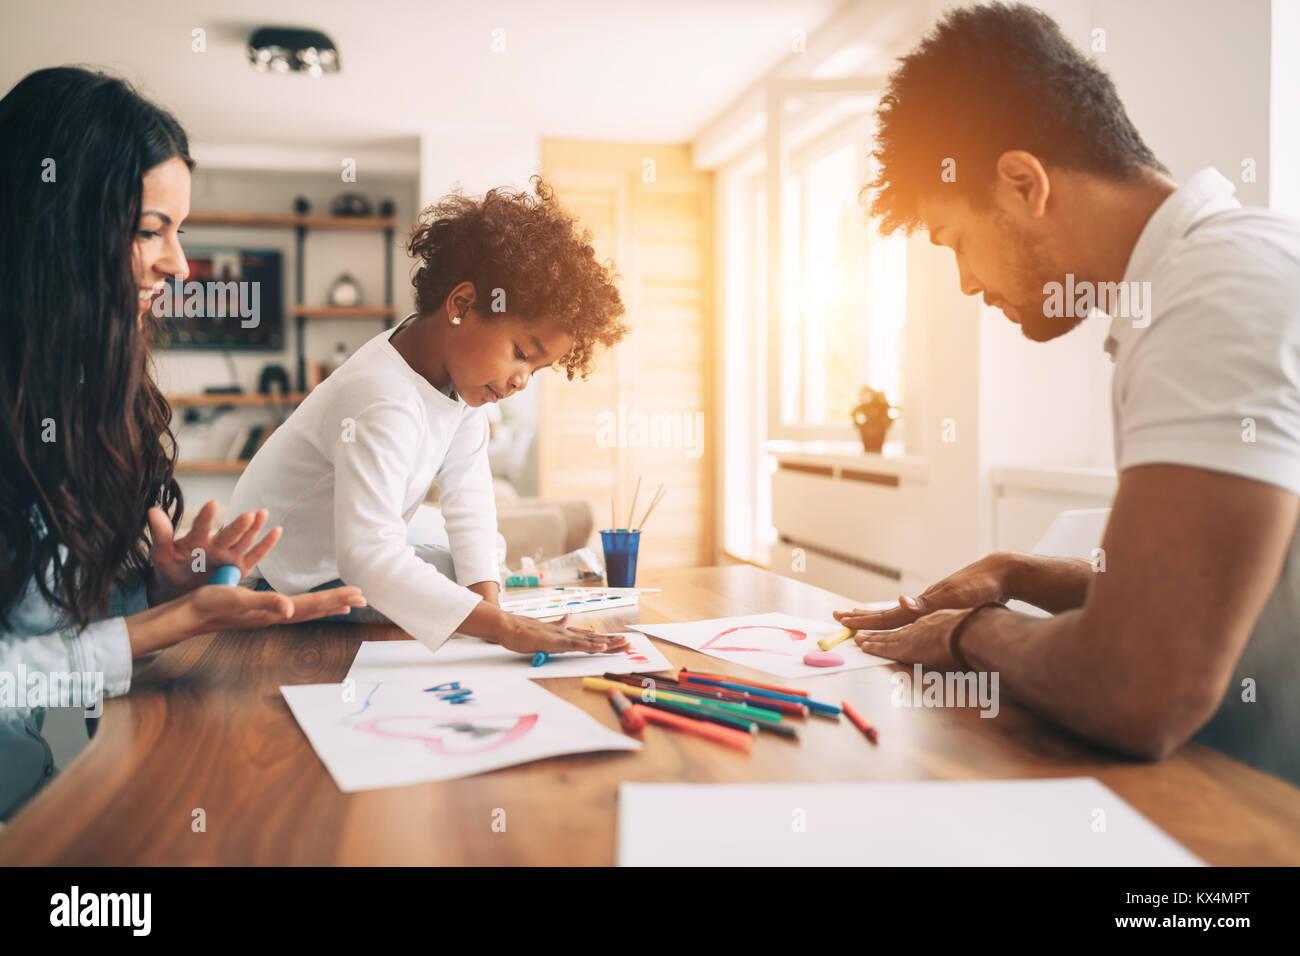 Glückliche junge Familie entspannen und Spaß haben Stockbild